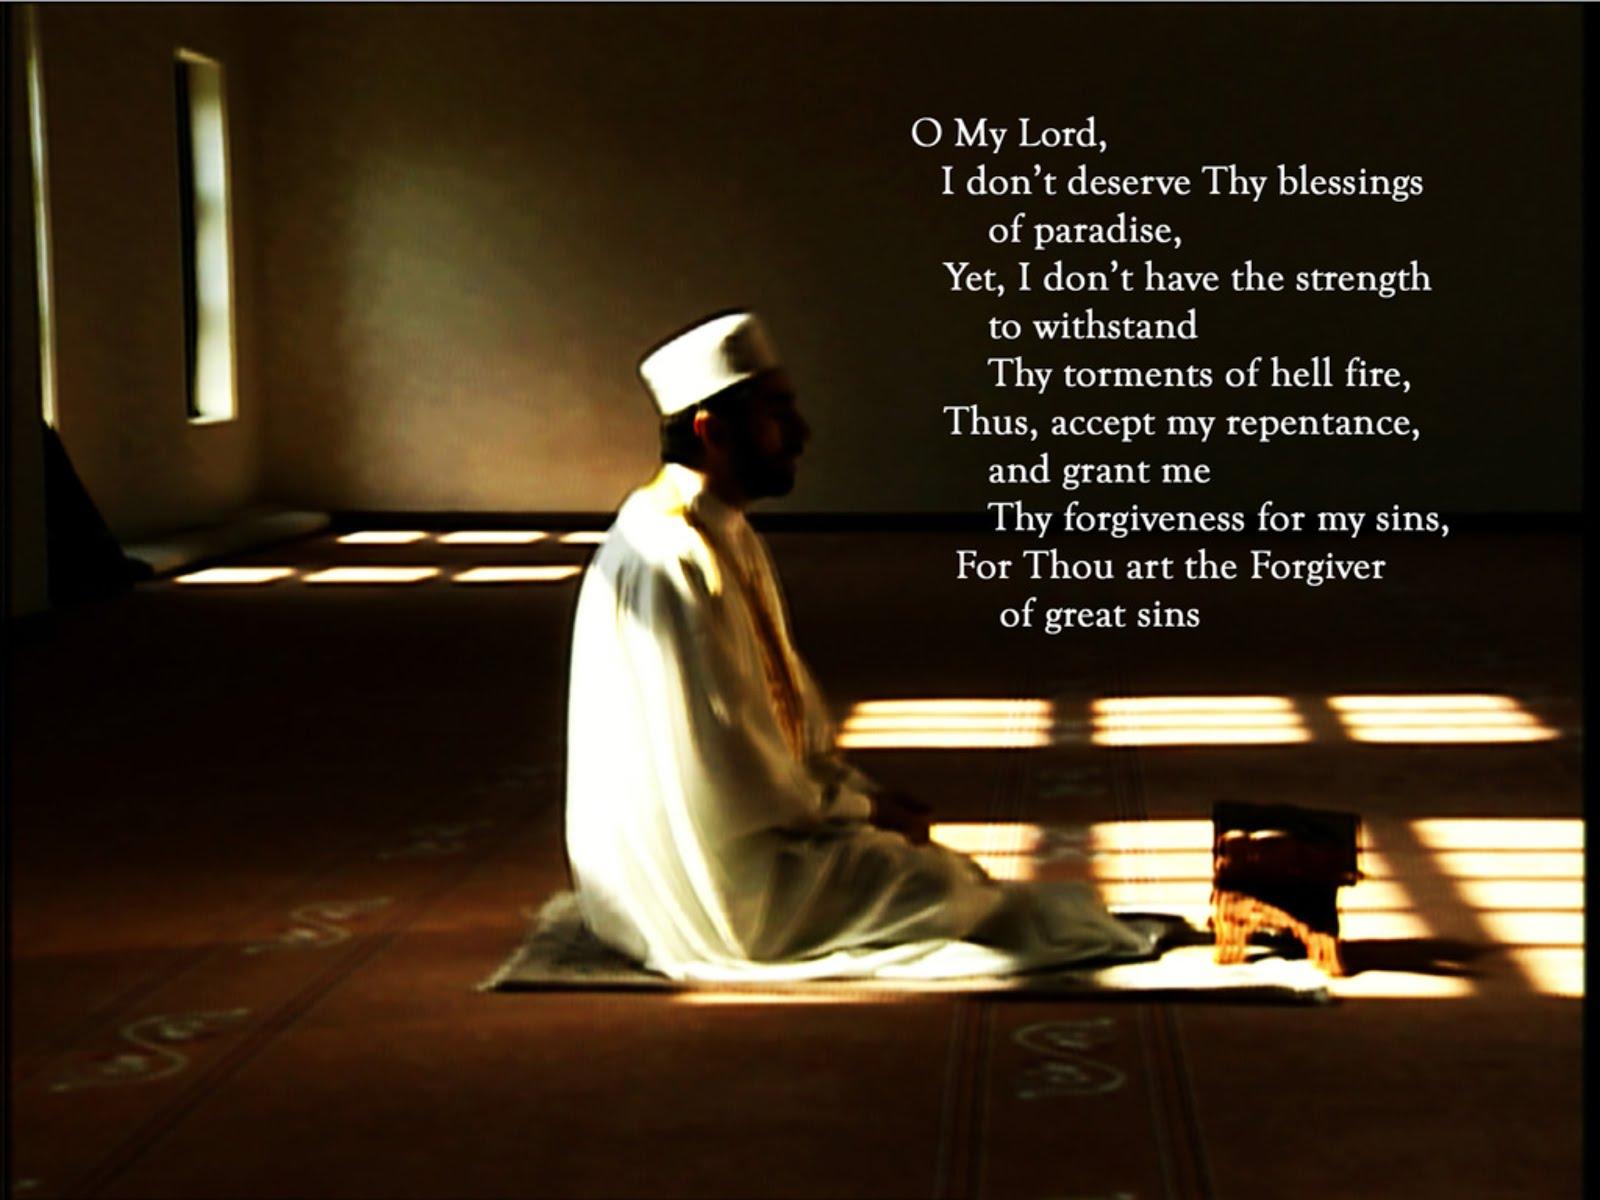 Doa - wirid- amalan- Pengasihan Adam dan hawa yang Terkenal hebat